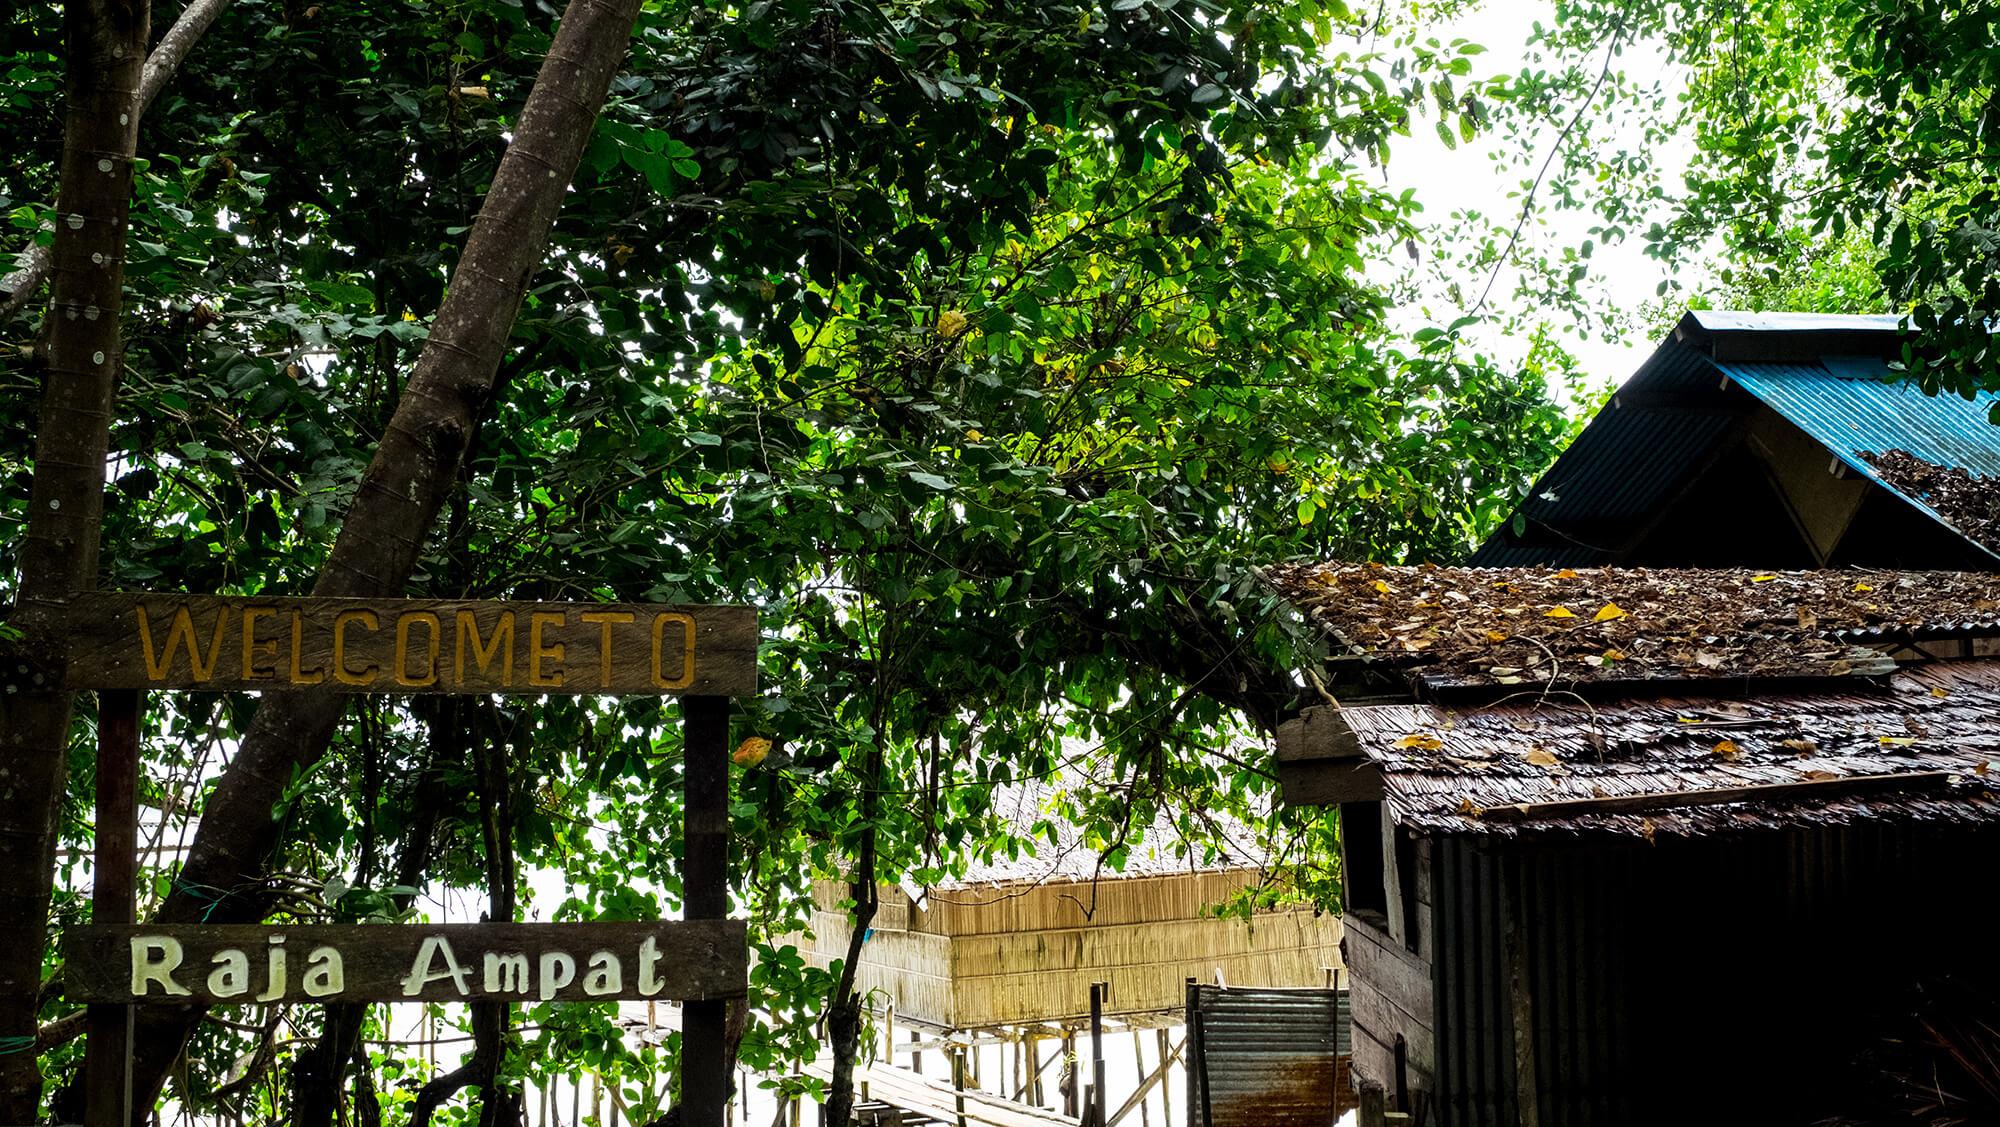 Aldeas en Raja Ampat en la isla indonesia de Papúa